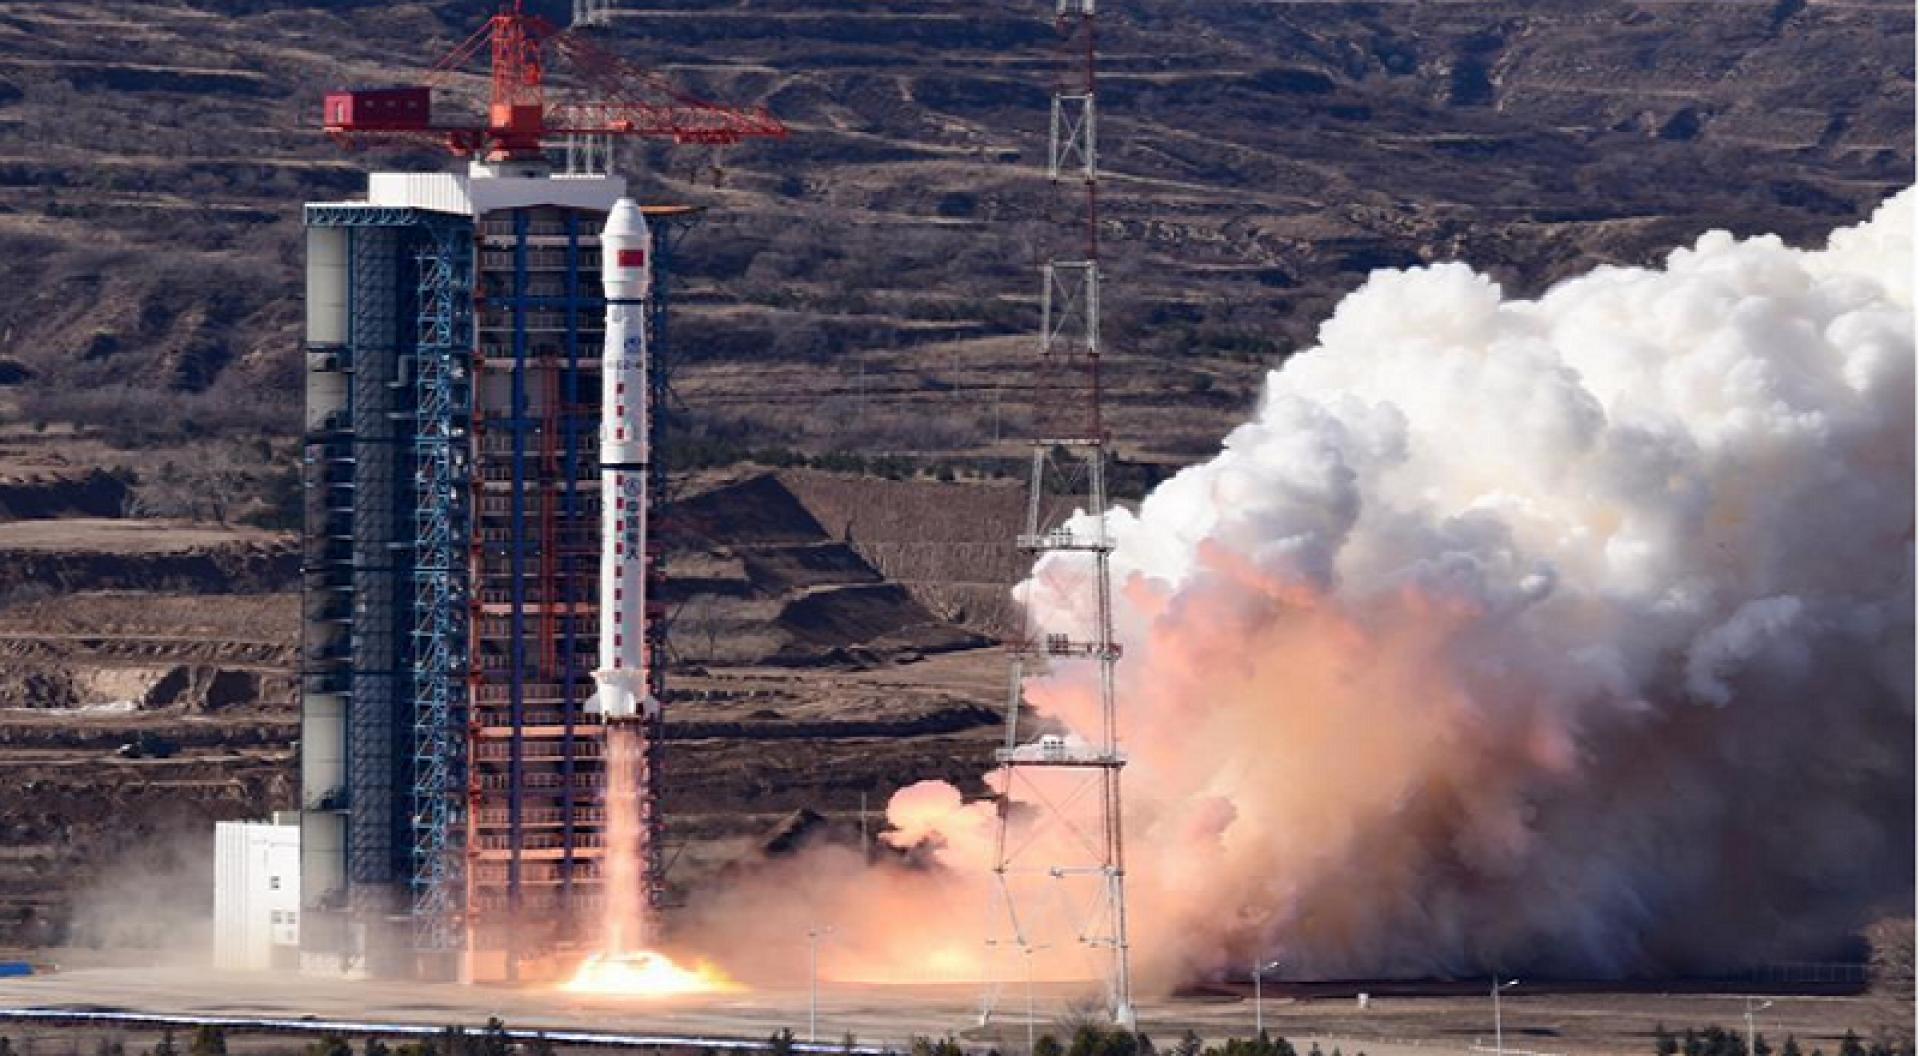 الصين تطلق قمراً صناعياً عالي الدقة يمكنه التقاط صور مجسمة